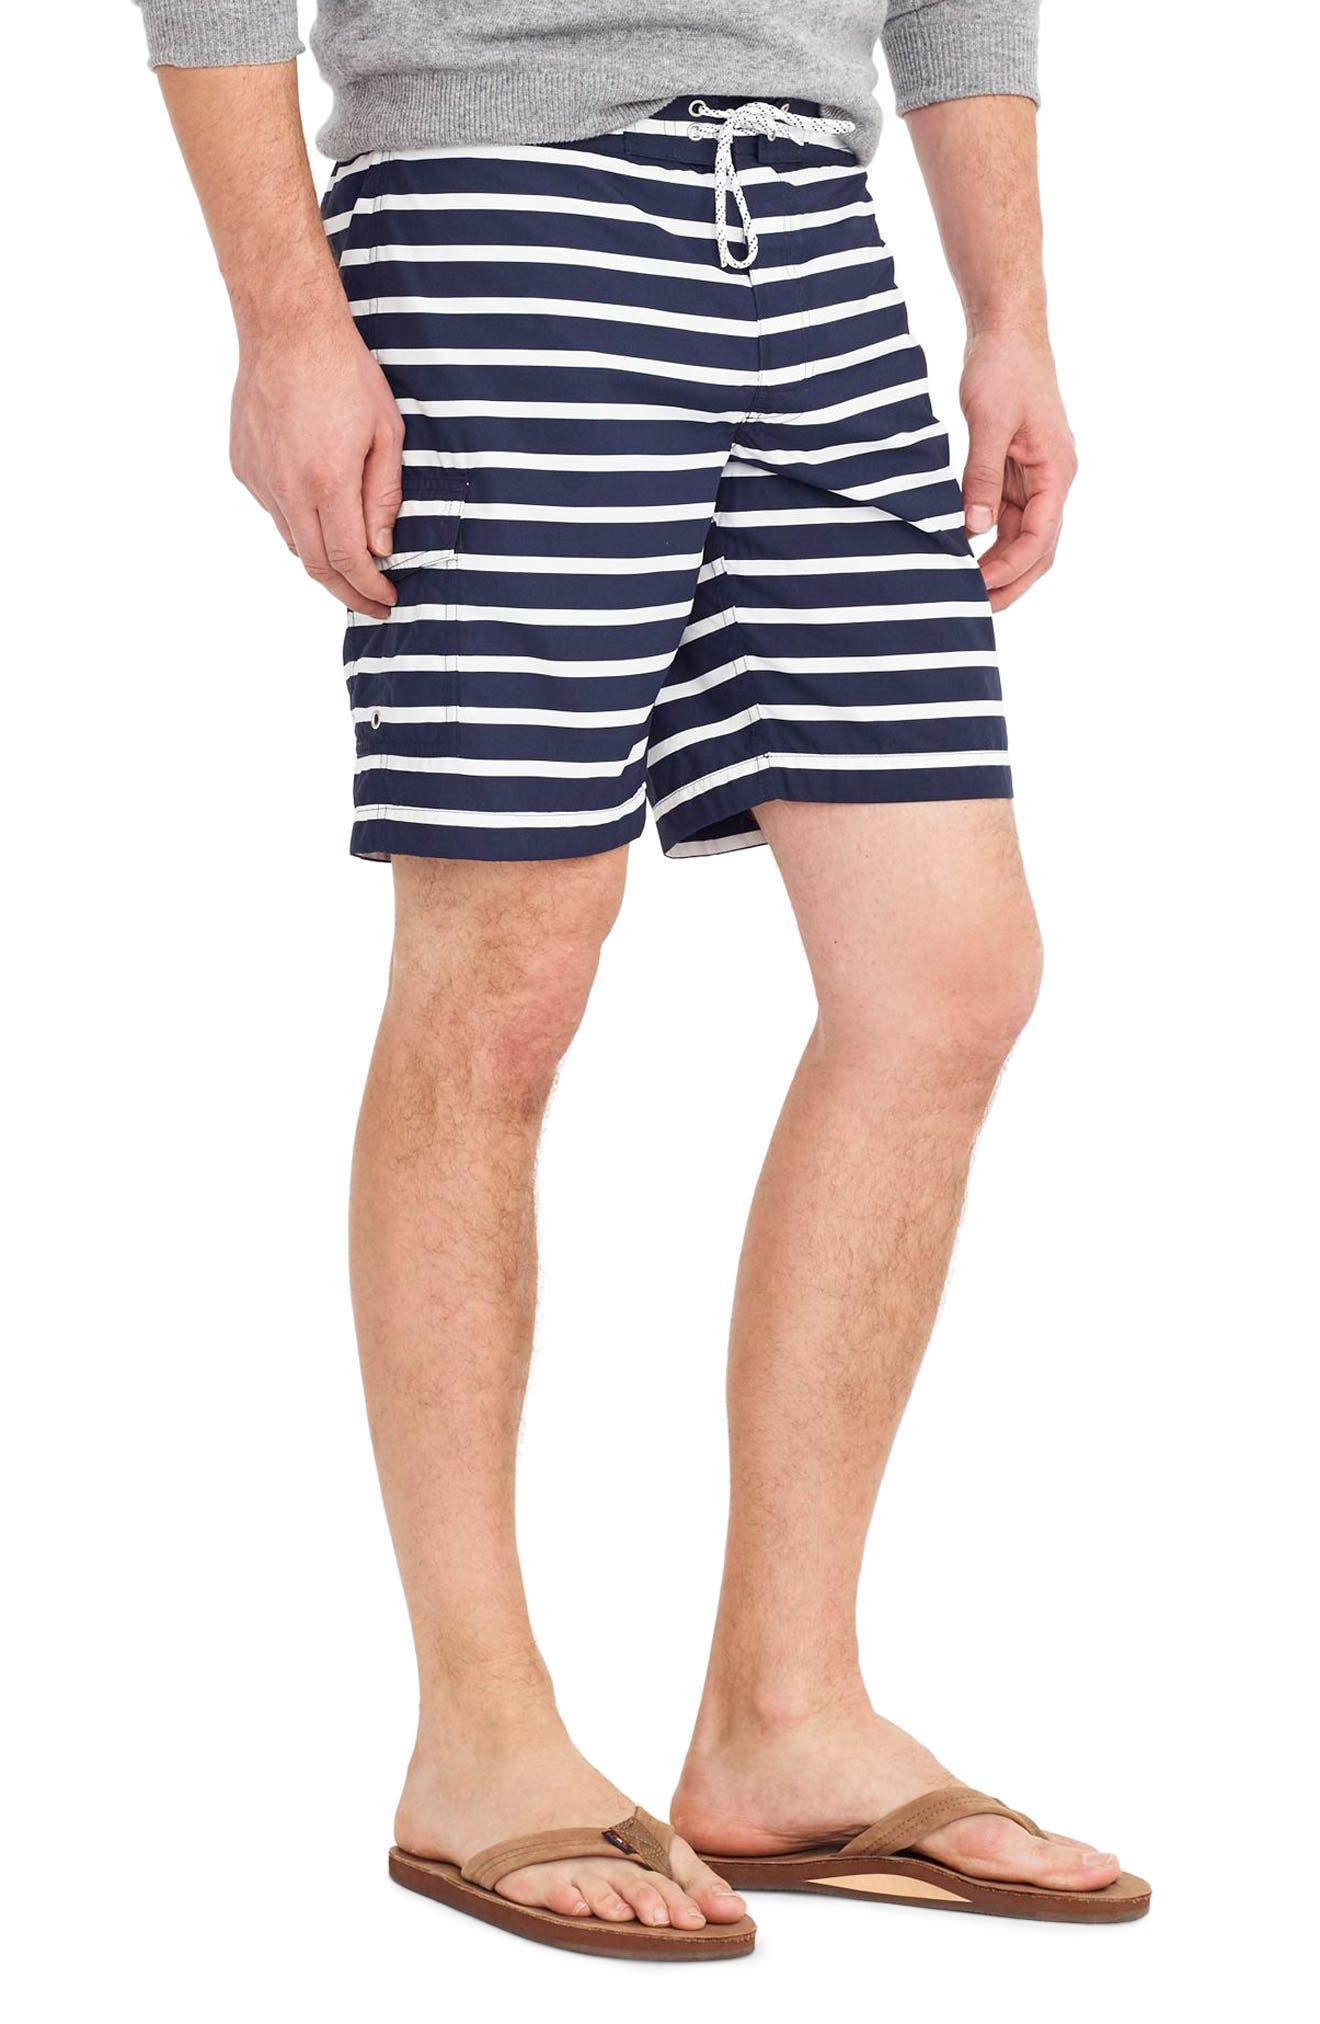 J.Crew Stripe Swim Trunks,                             Alternate thumbnail 3, color,                             Navy White